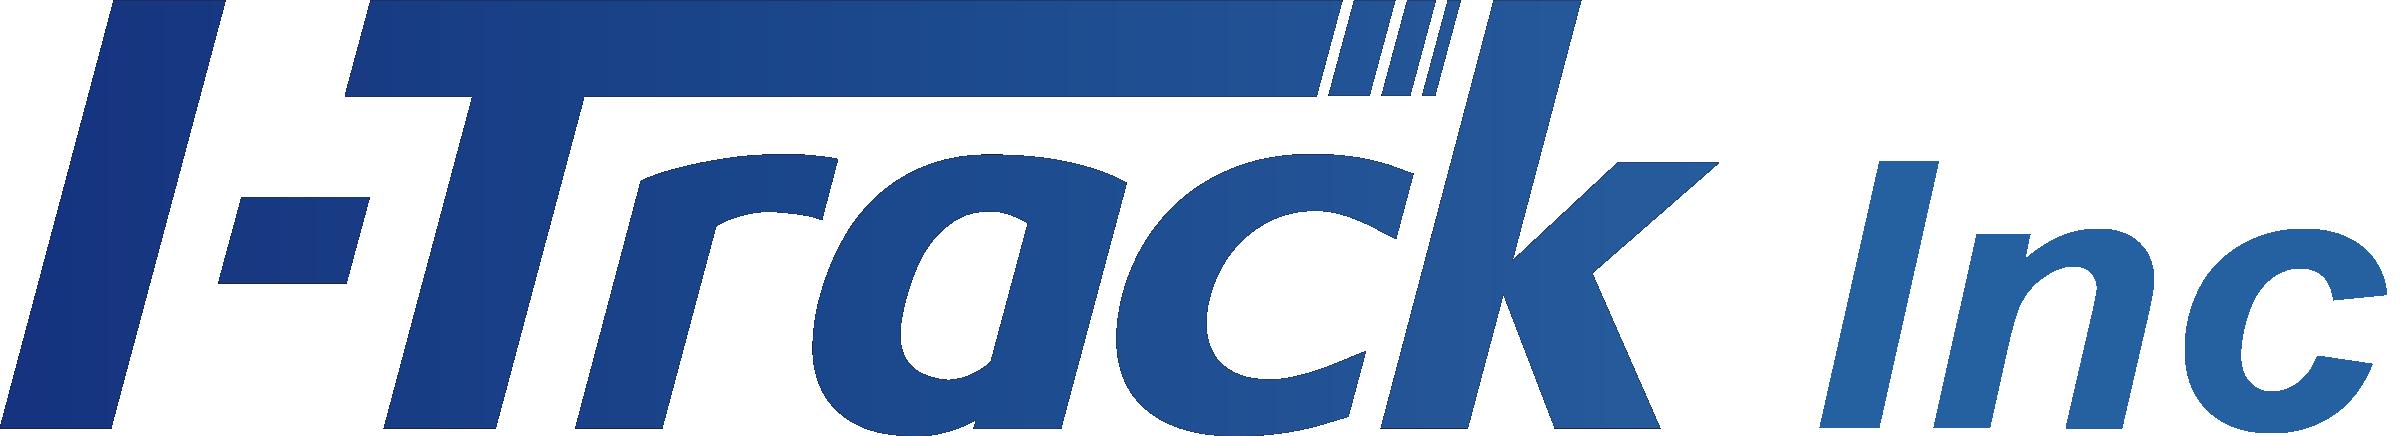 I-Track Software